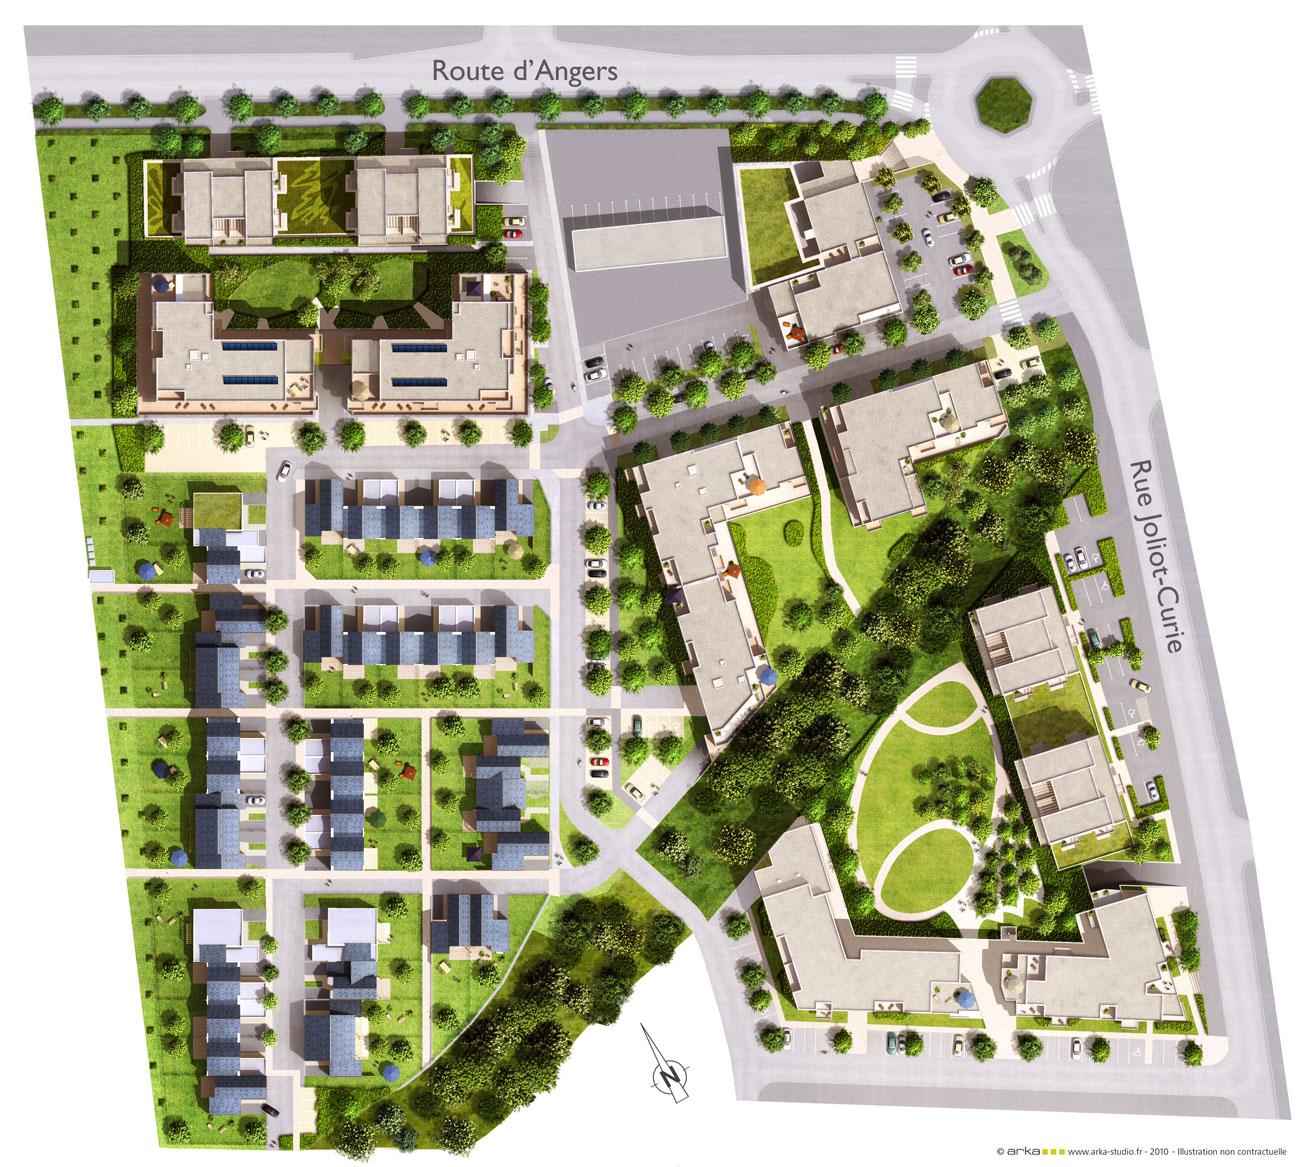 Saint barth lemy d 39 anjou infoplus les actus constructions - Plan de masse maison individuelle ...